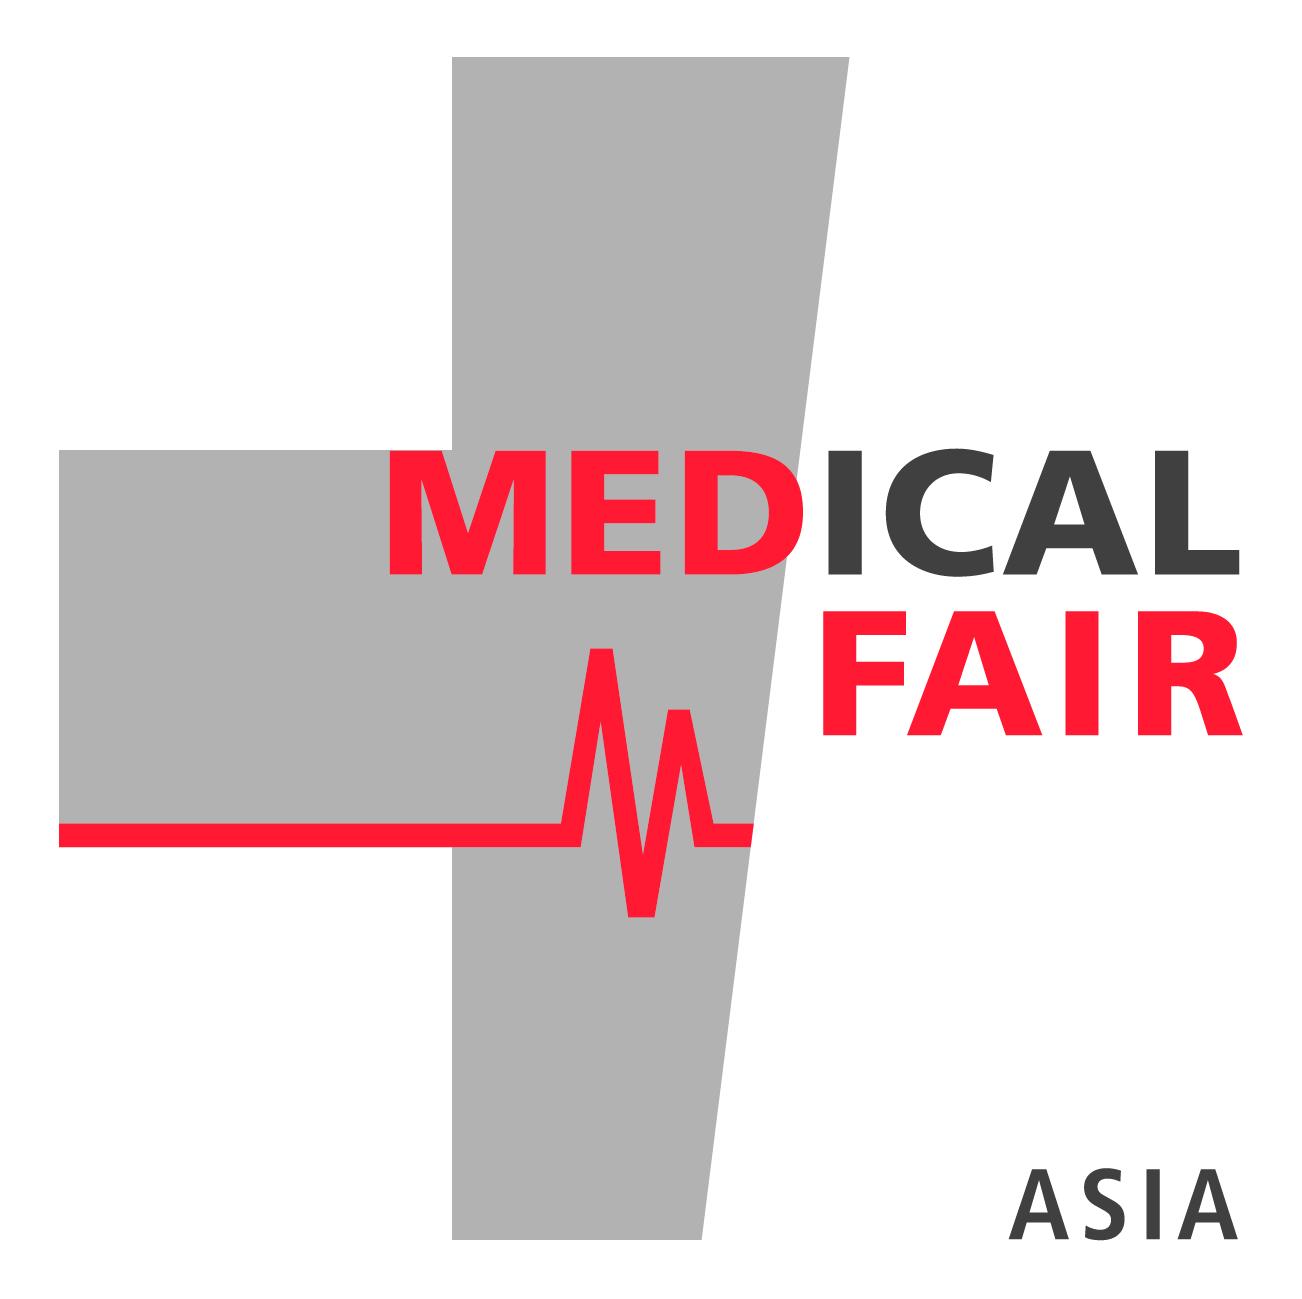 Medical-Fair-Asia-2018